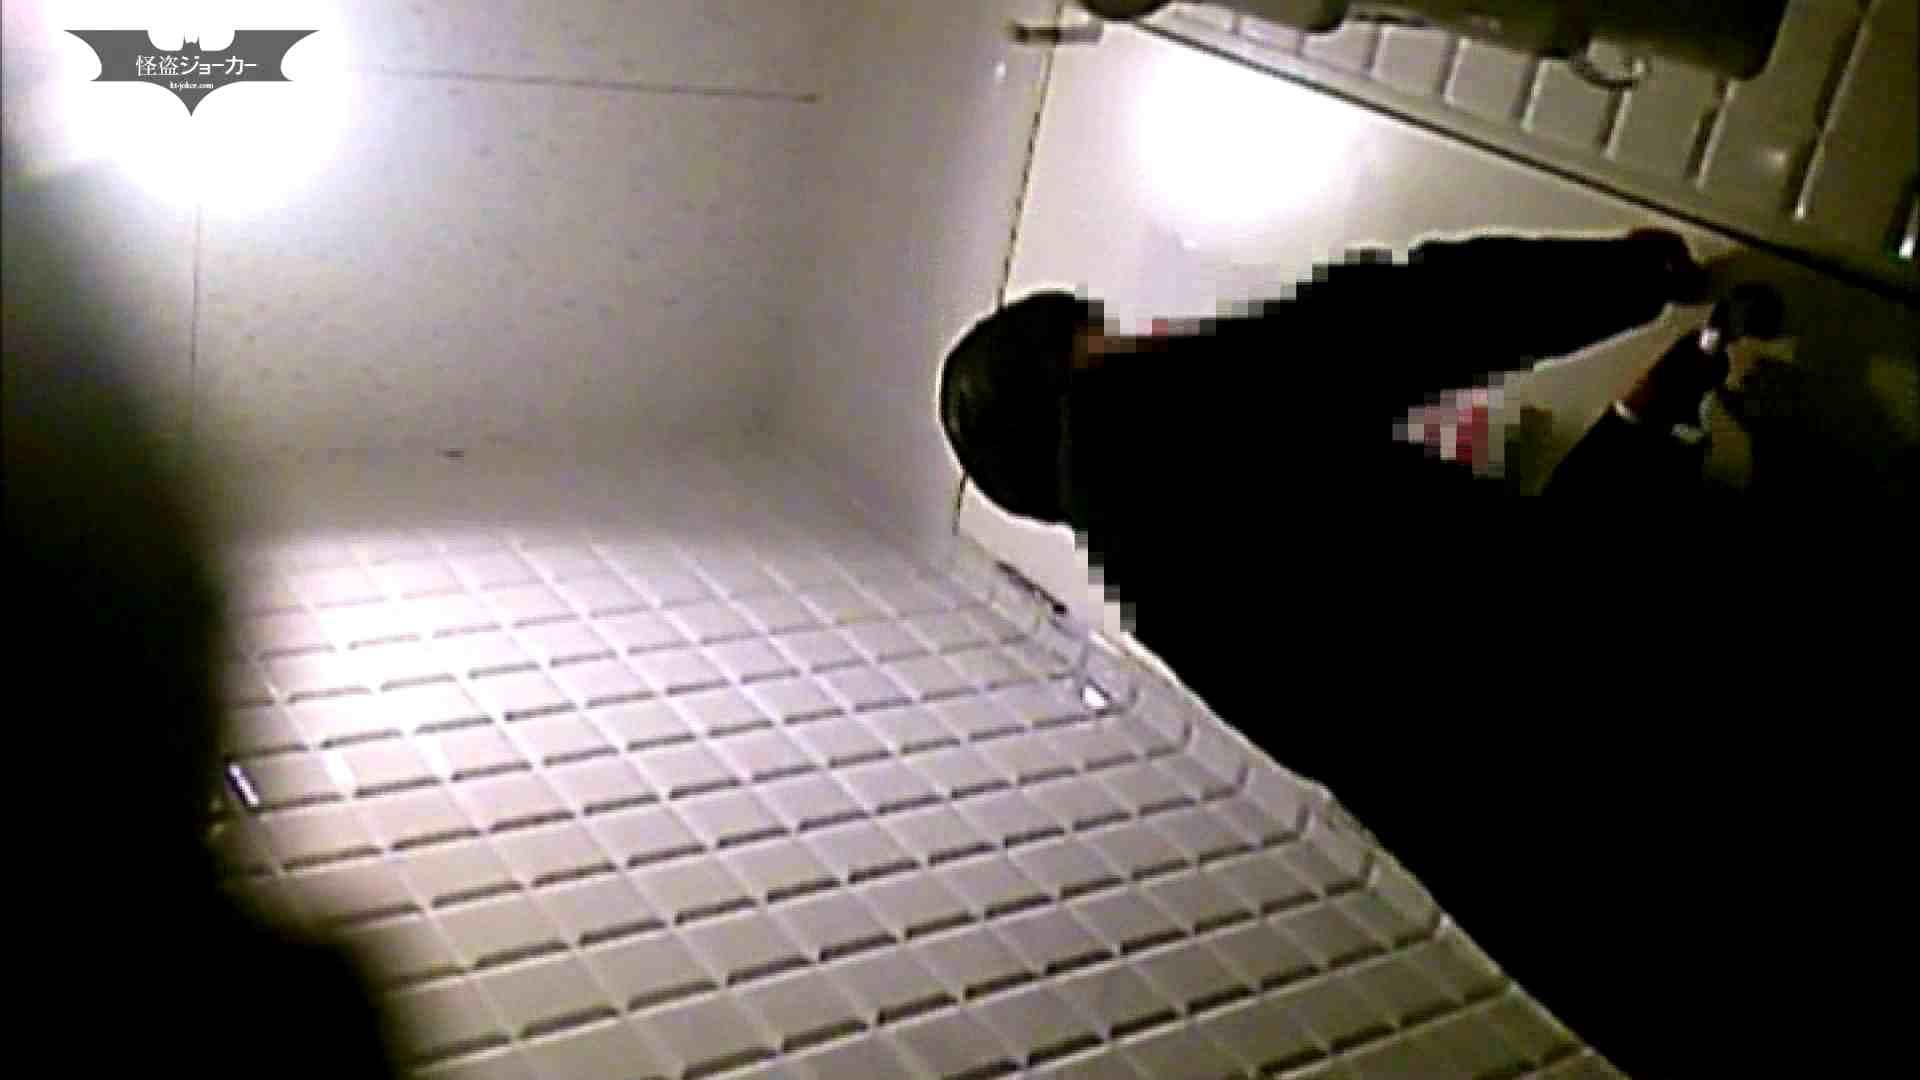 店長代理の盗撮録 Vol.02 制服ばかりをあつめてみました。その2 OL | 盗撮エロすぎ  86連発 16